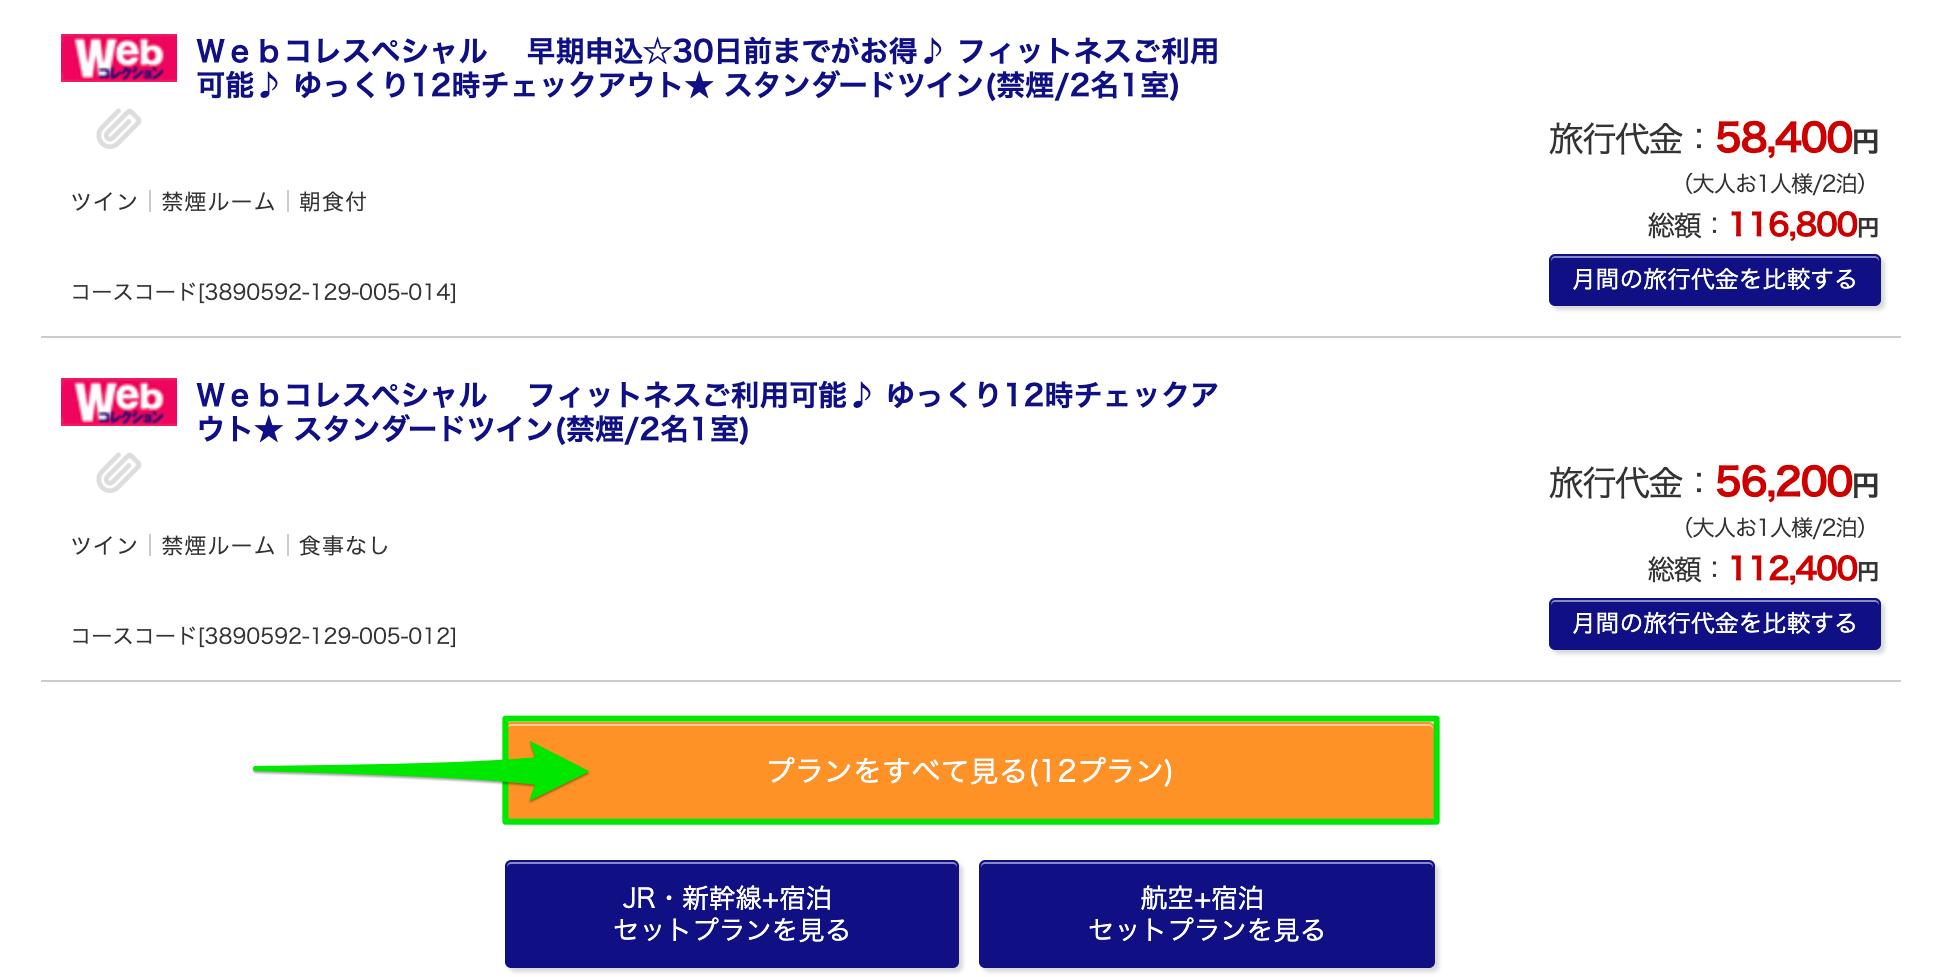 日本旅行で国内ホテル・宿のプランを選択